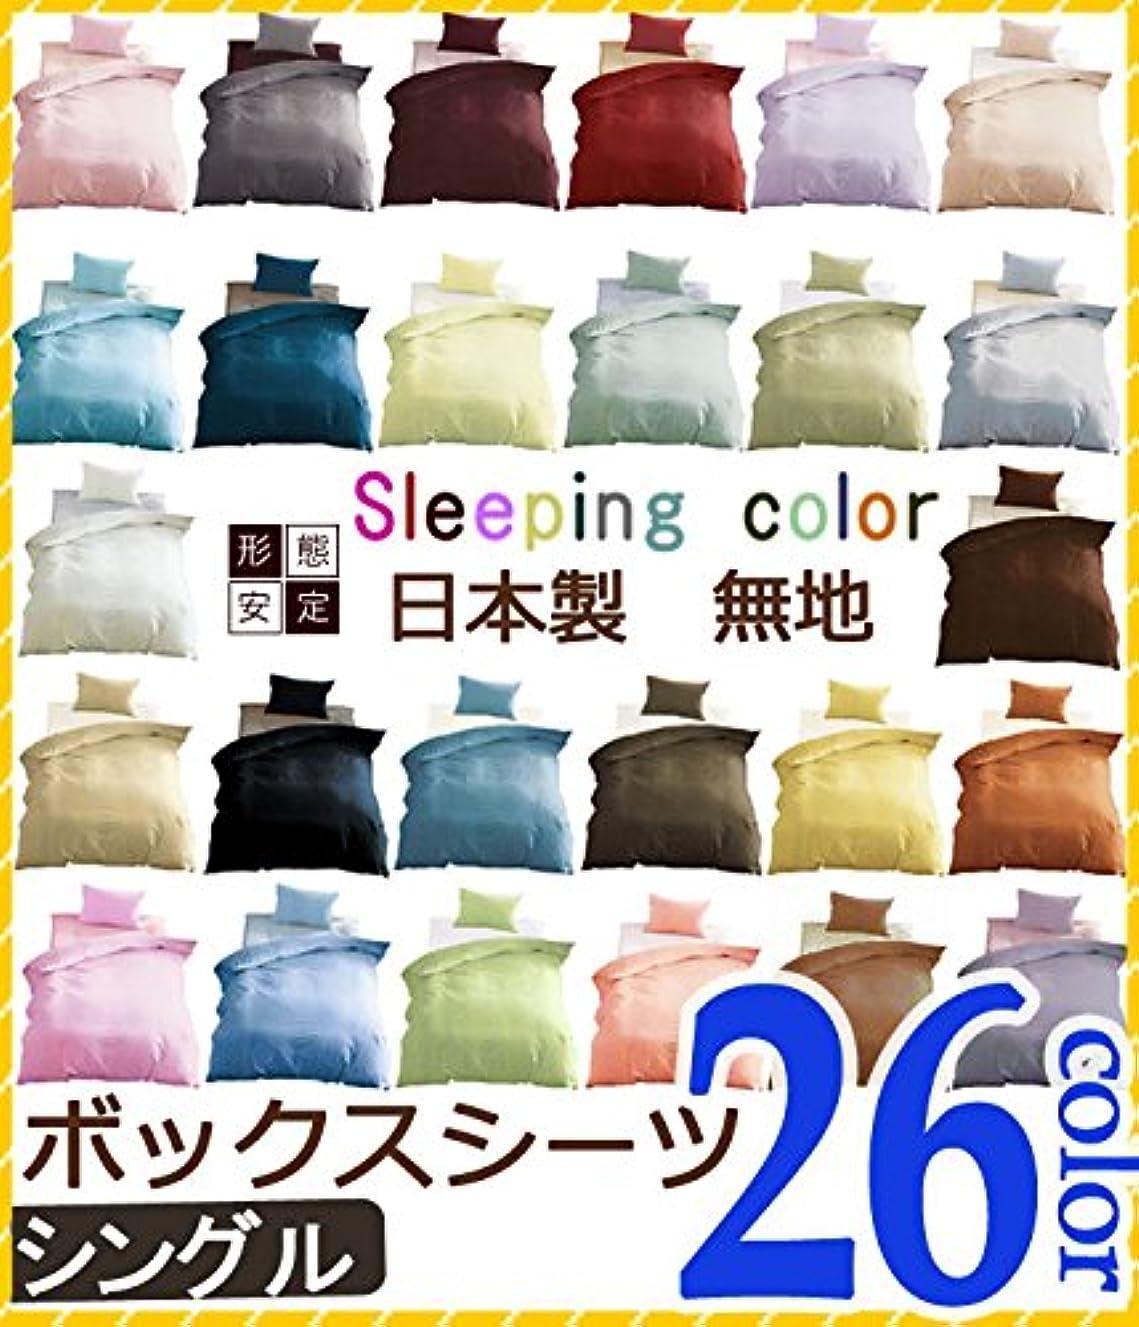 文言飼い慣らす妖精岩本繊維 Sleeping color 無地 26色 布団カバー ボックスシーツ(ベッドカバー) シングル 100×200×30 カバーリング 日本製 綿100% ふとん BOXカバー ネイビー9508